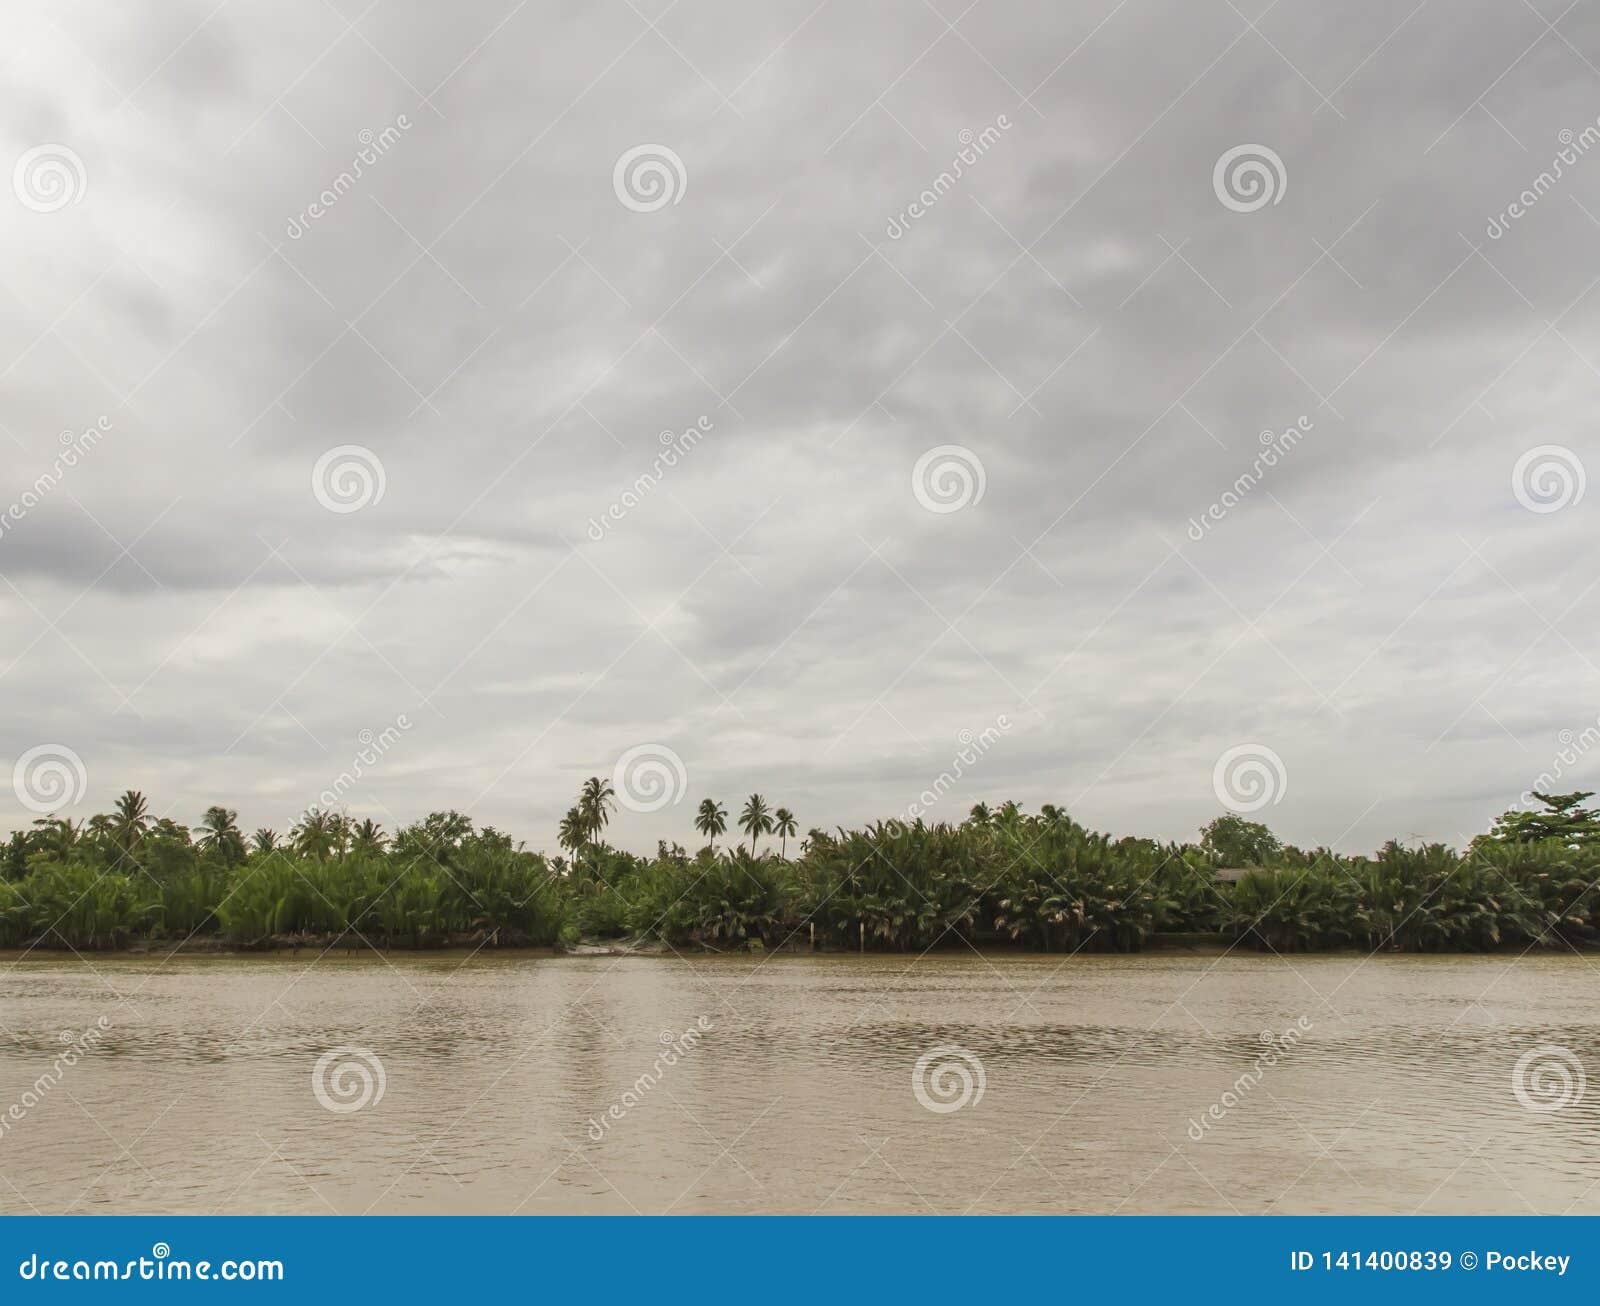 Bewolking met een rivierscène